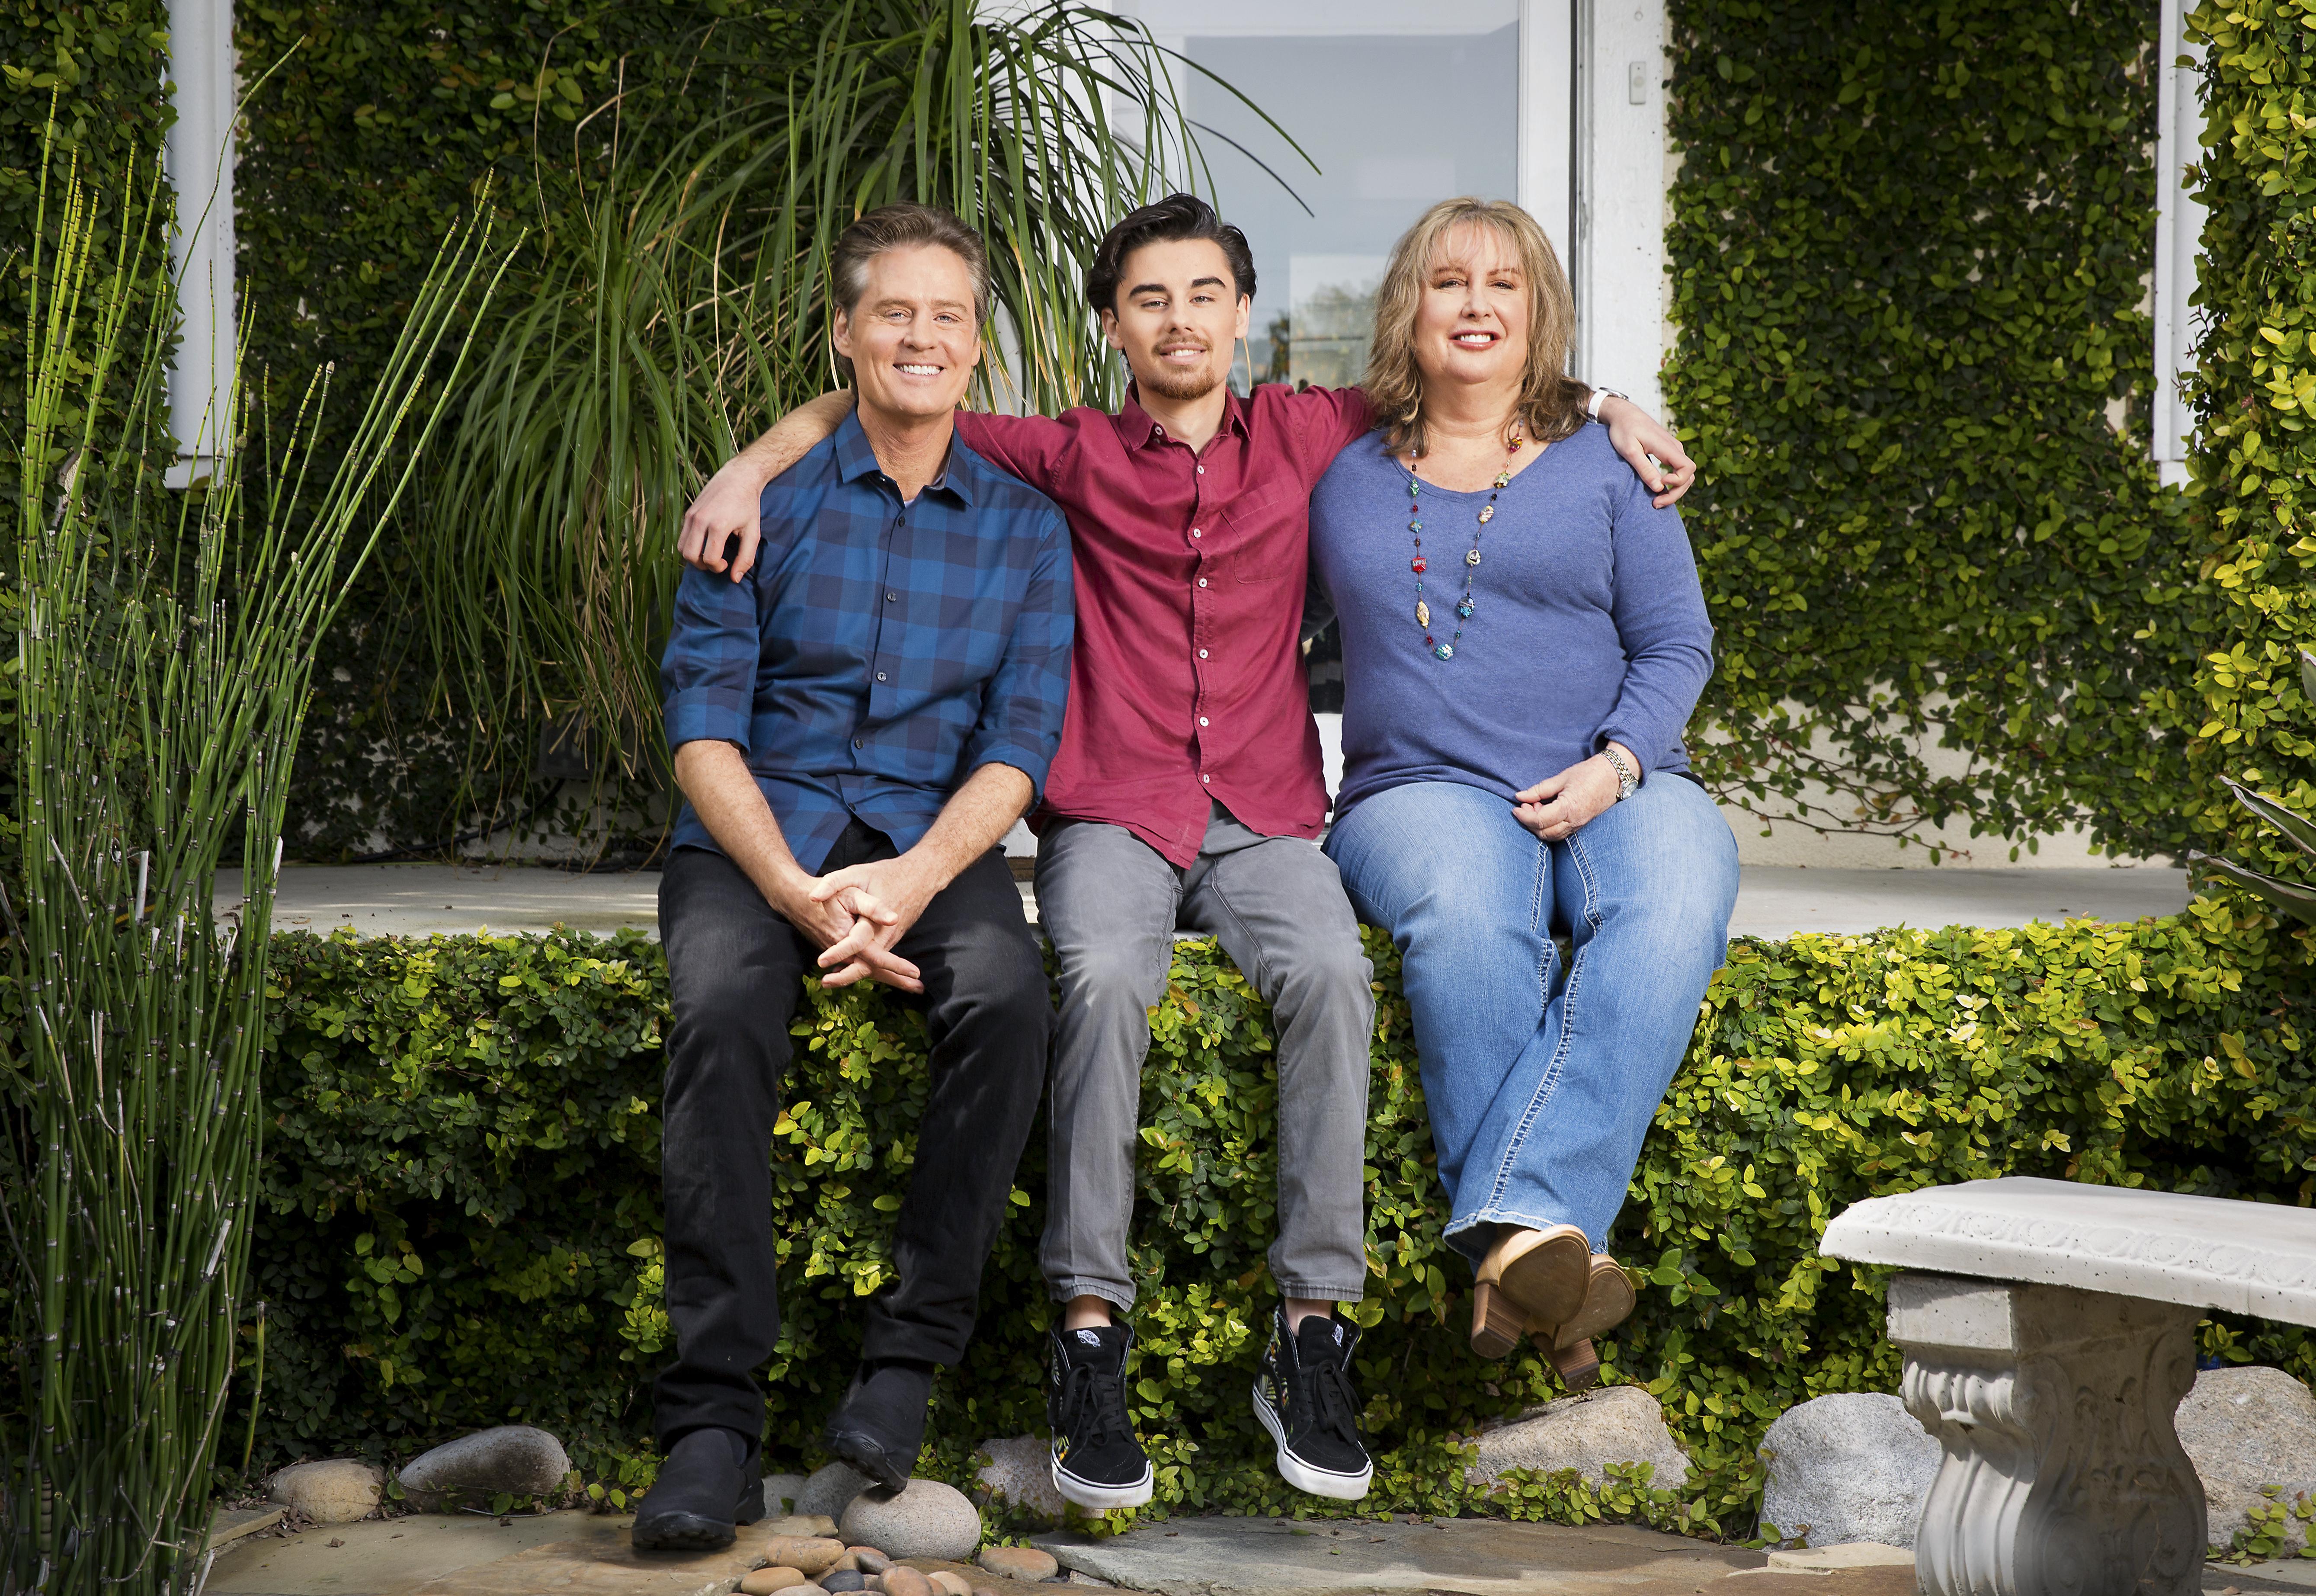 Michael Rubino, Jake y Karen Strassberg